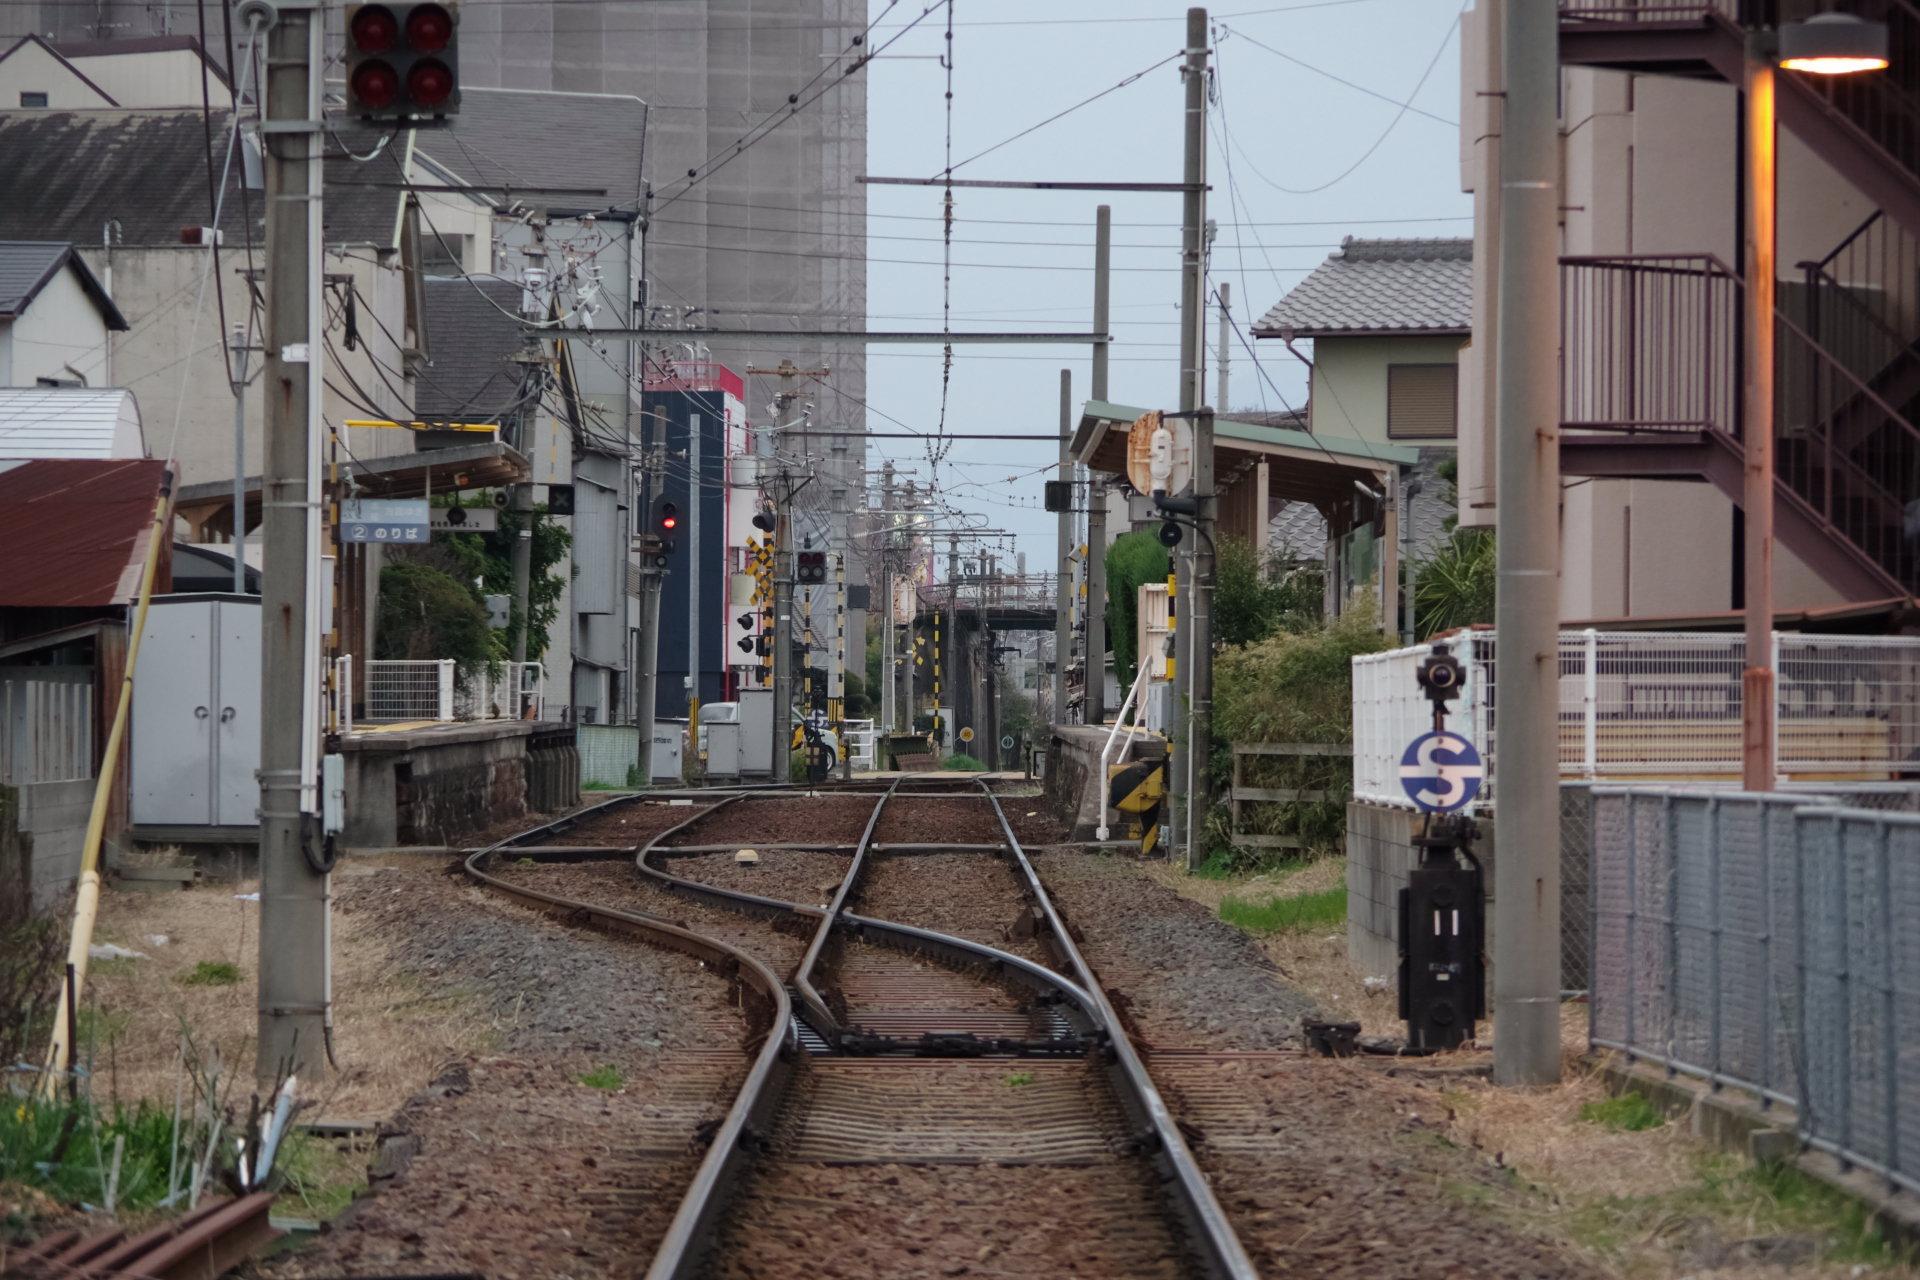 住宅街の中の小さな駅